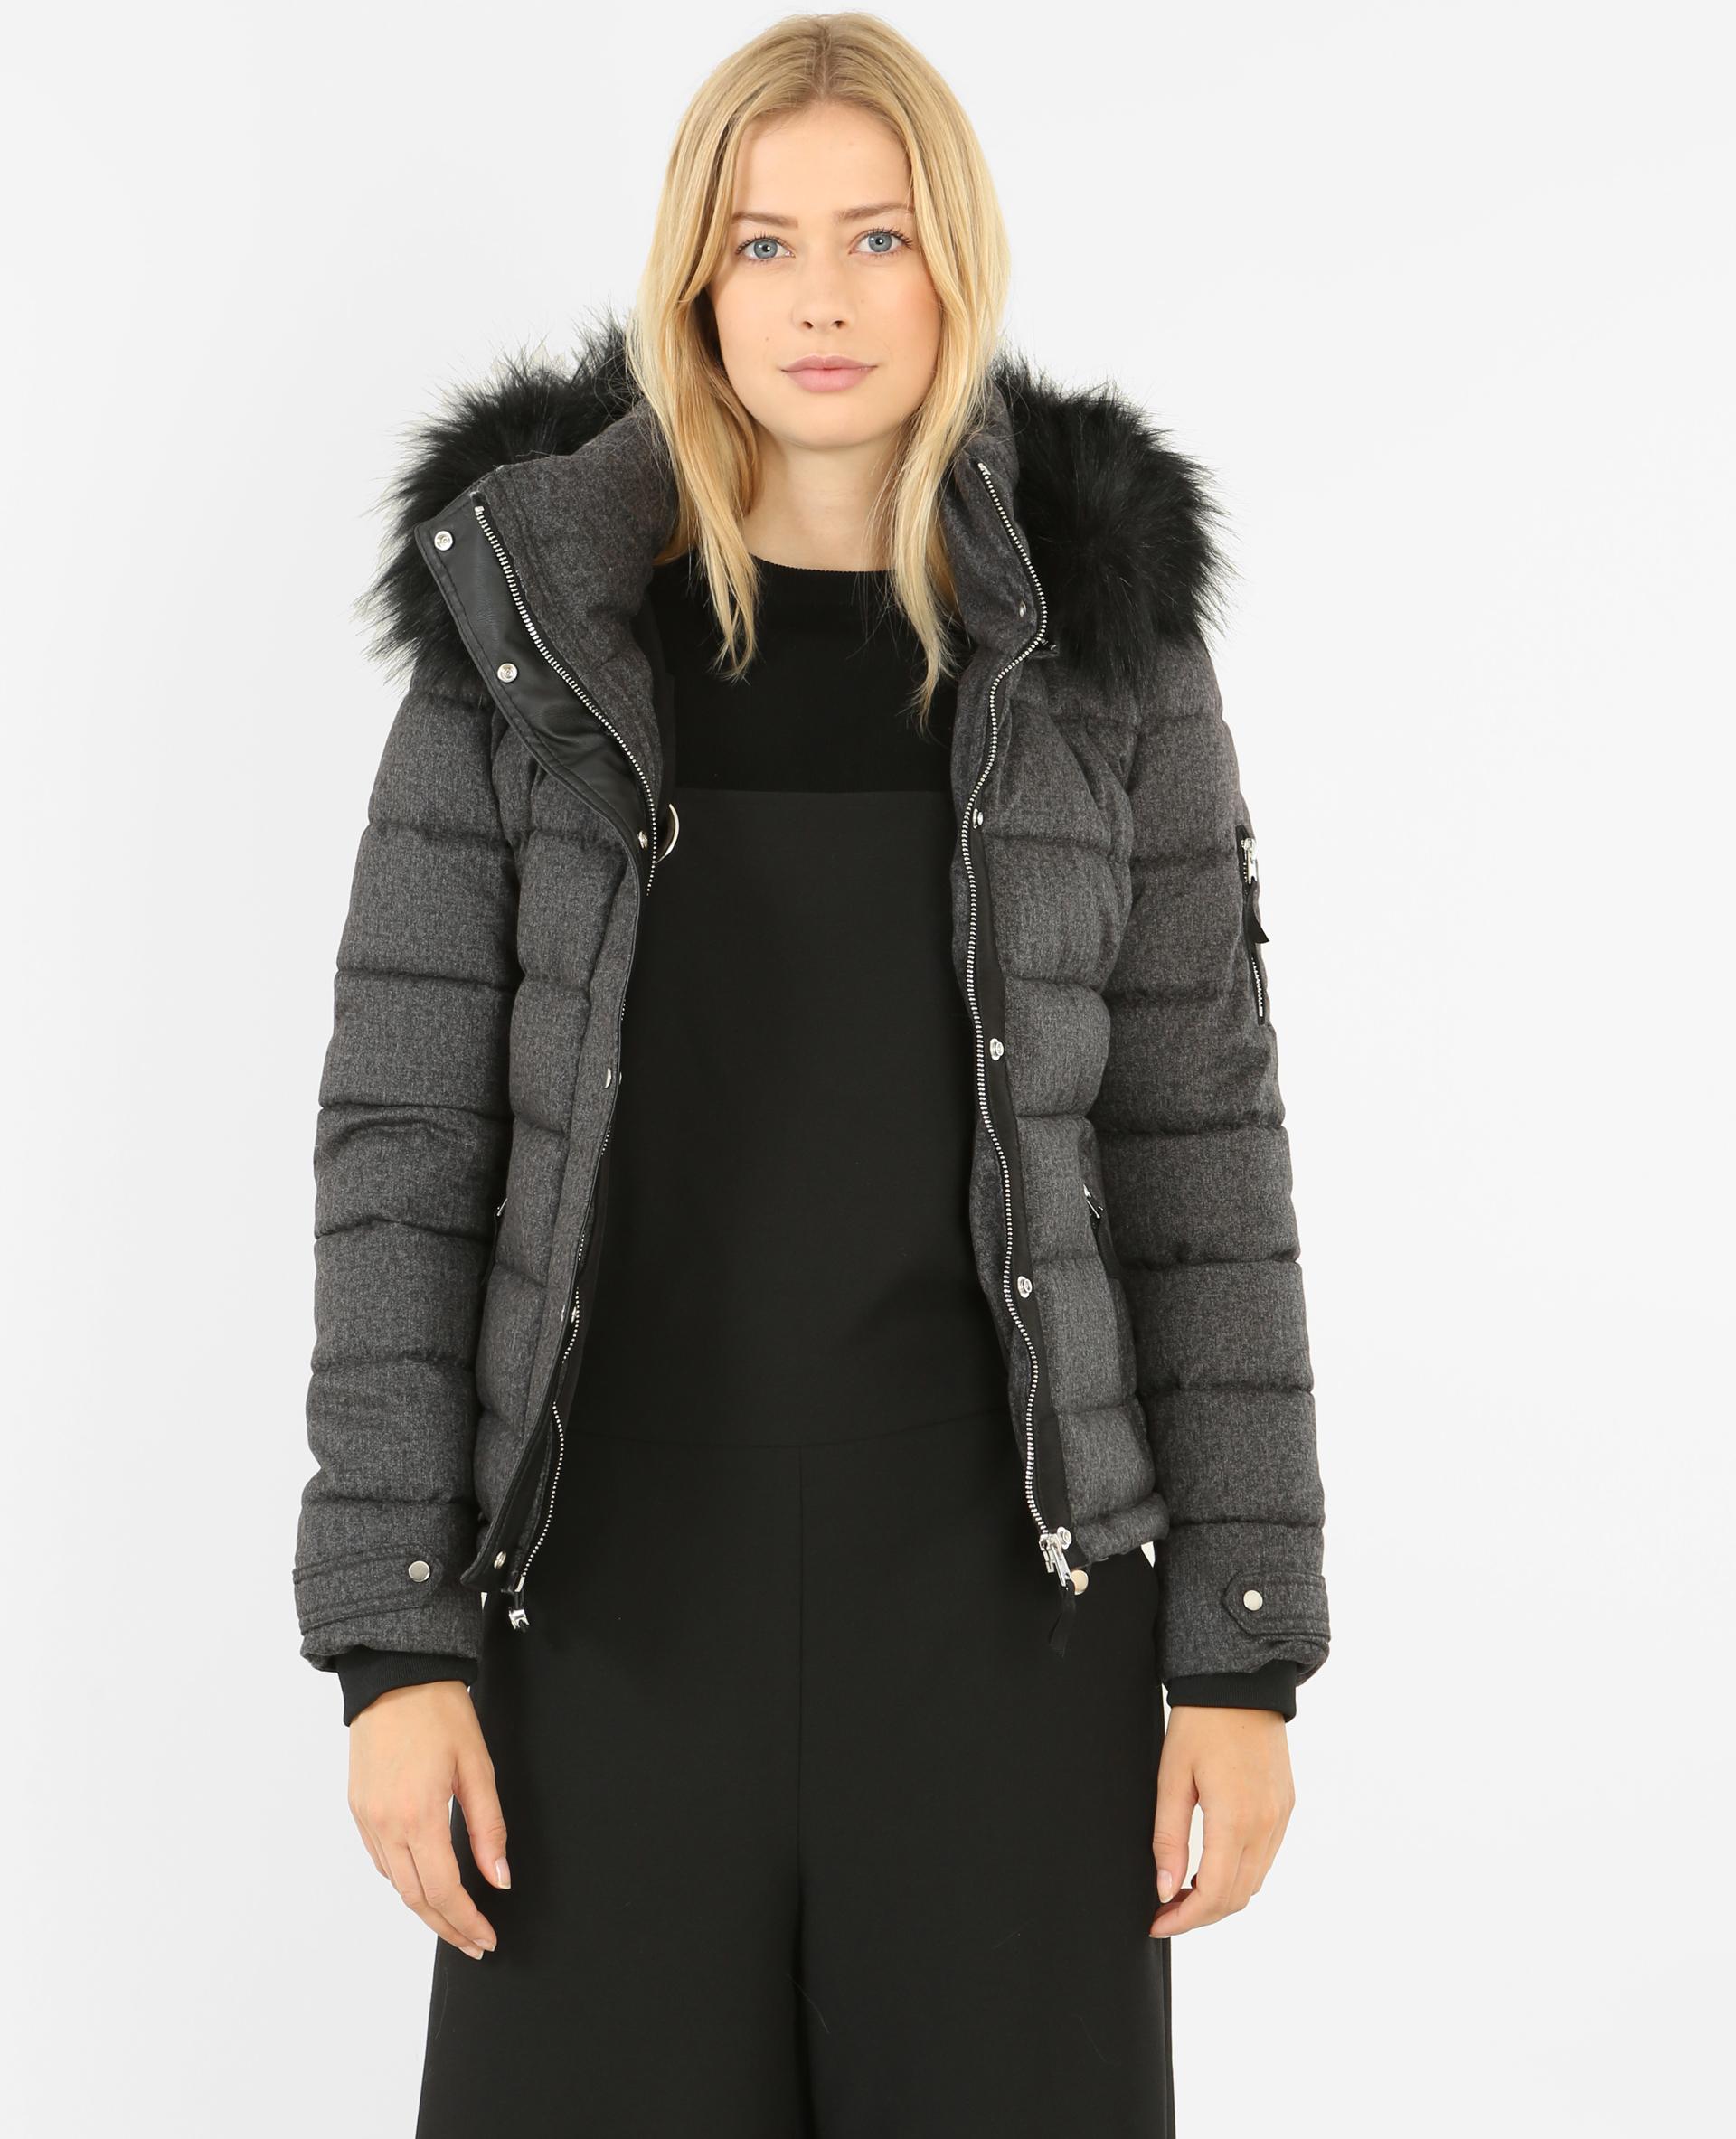 Très Manteau femme | Pimkie YZ53